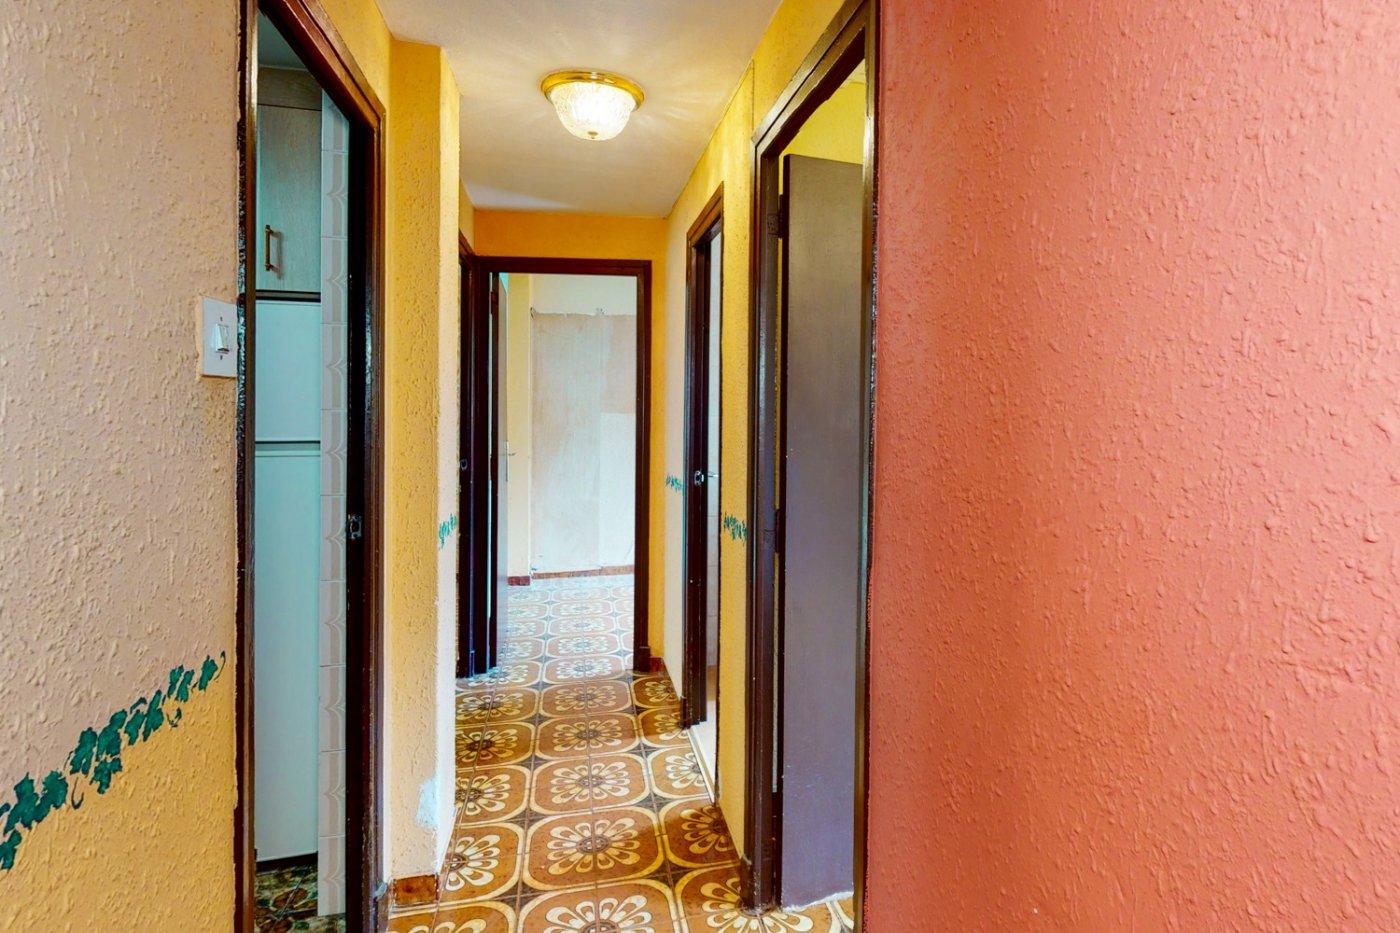 Piso a la venta en c/ lugo, exterior, de tres dormitorios, salon, cocina y baÑo. - imagenInmueble2